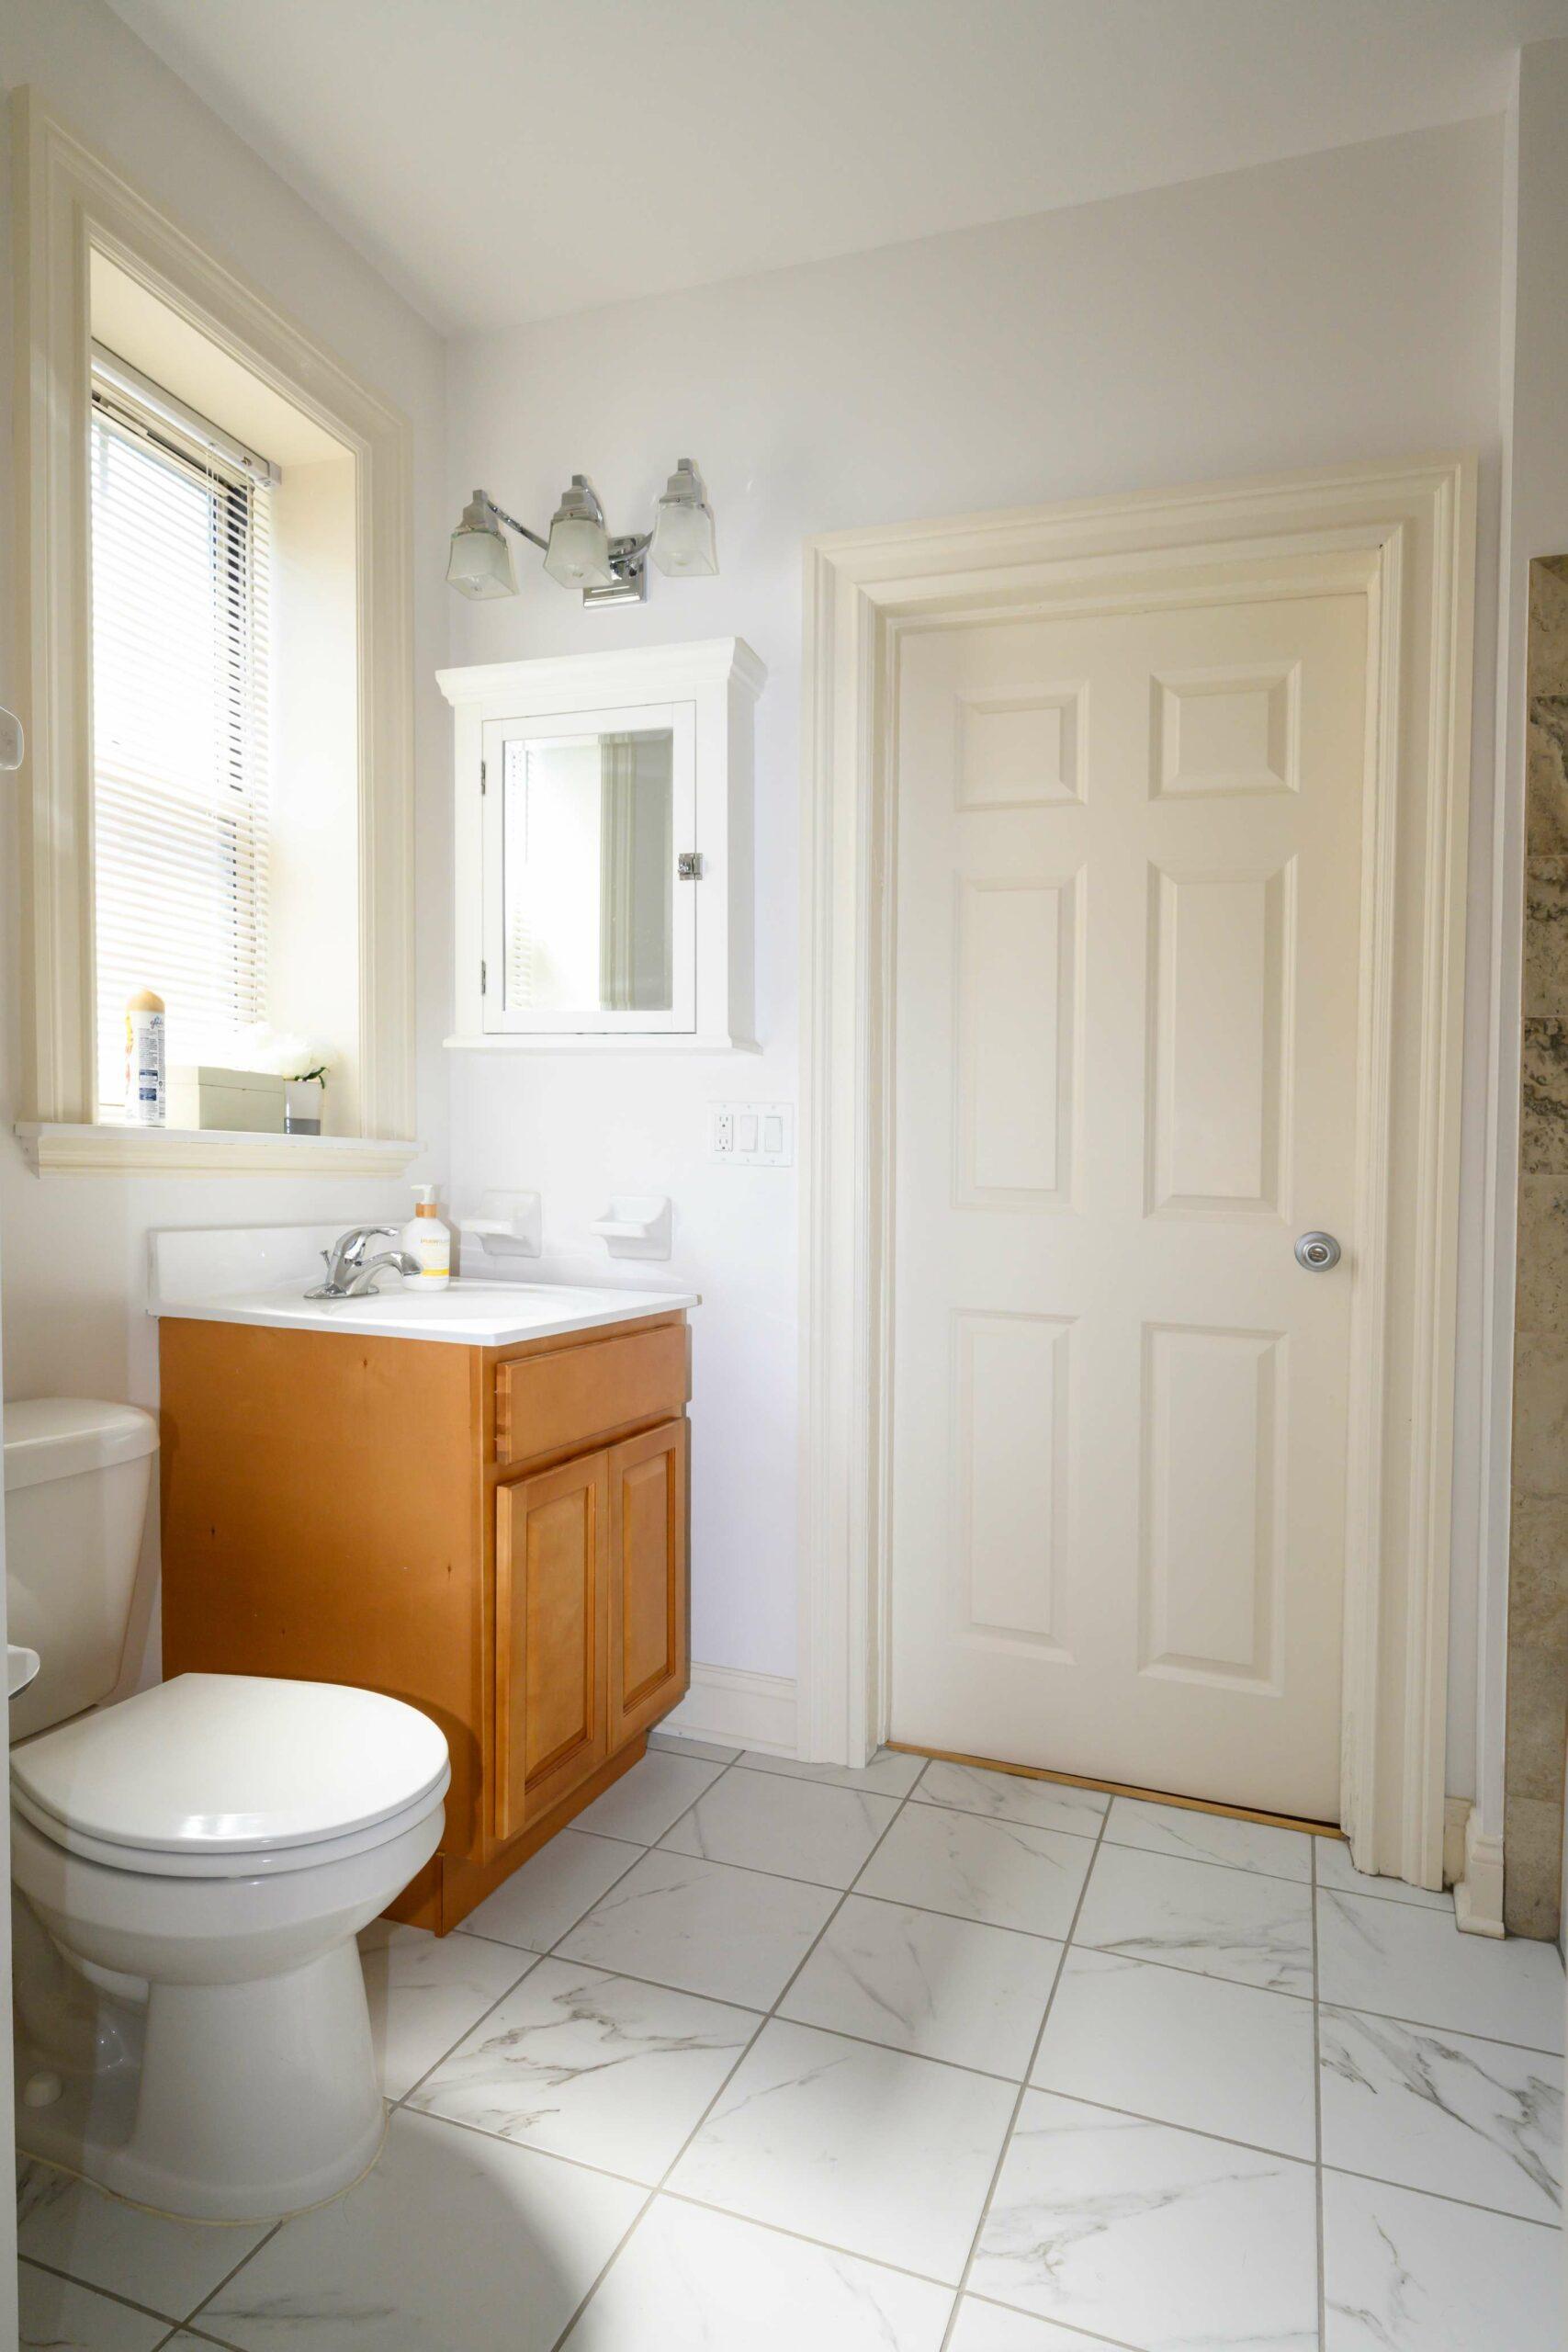 Village House restroom